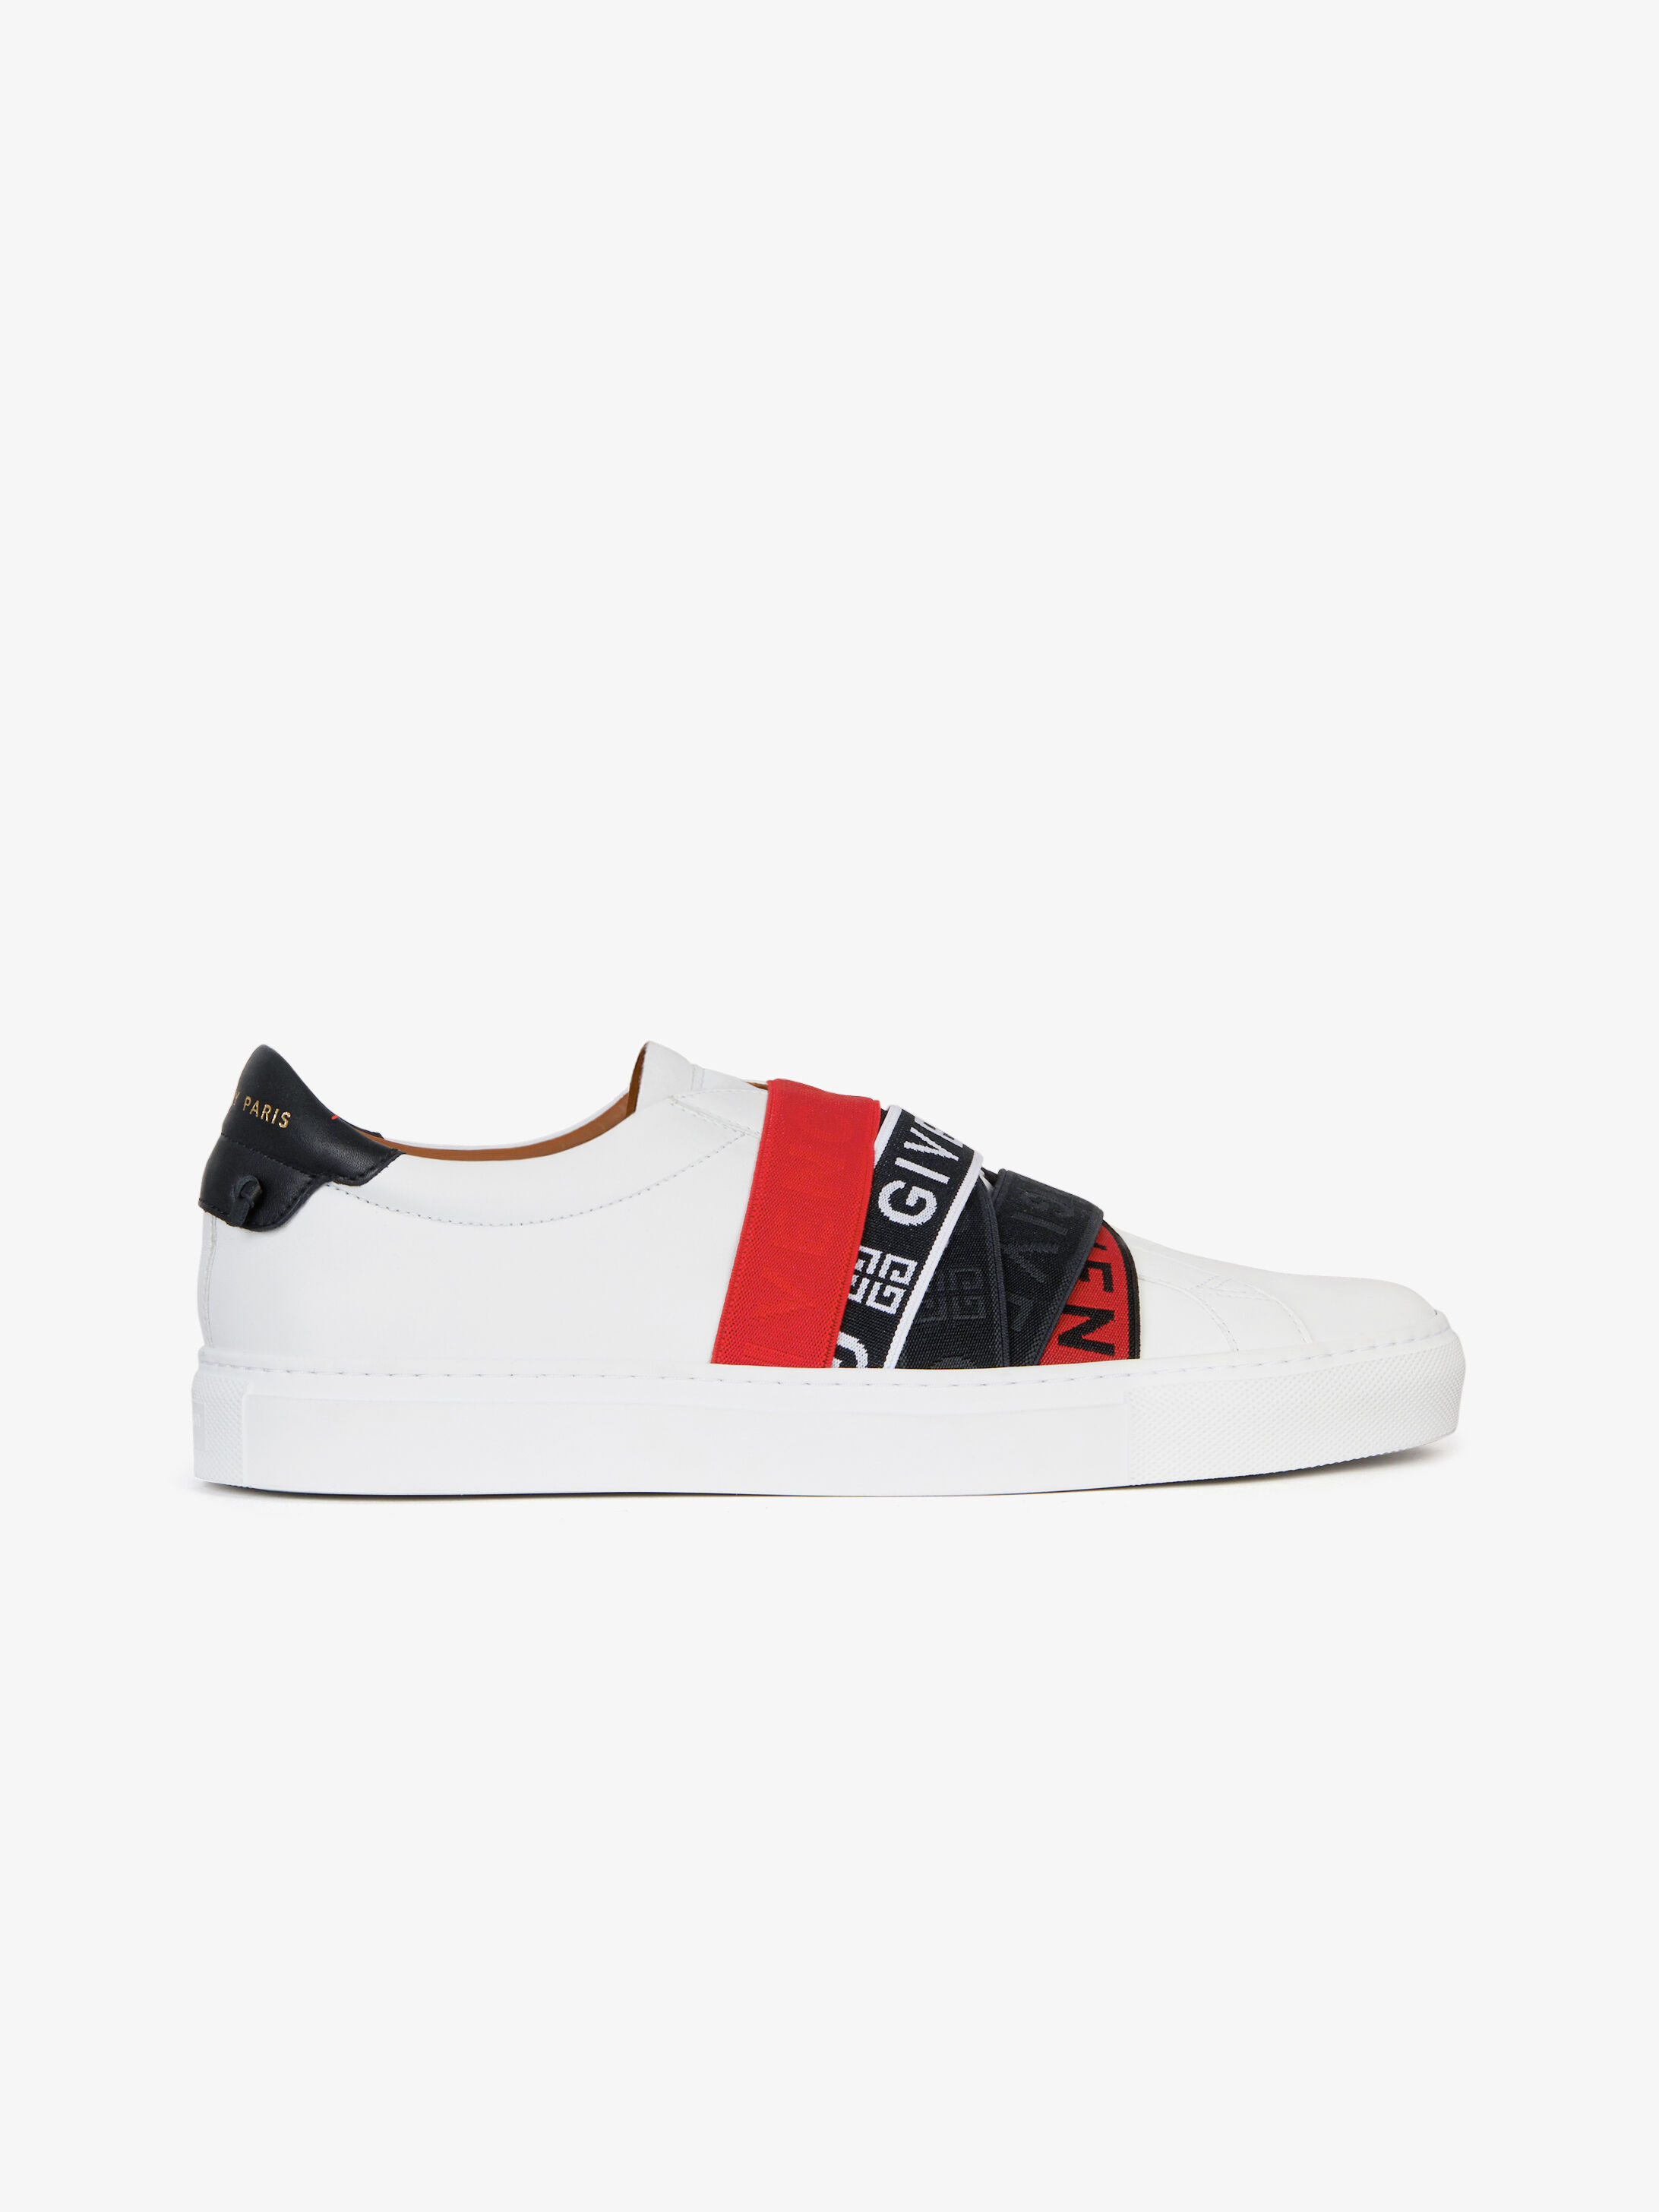 Collection Homme Sneakers La GivenchyGivenchy Par Paris 0PX8wOknZN